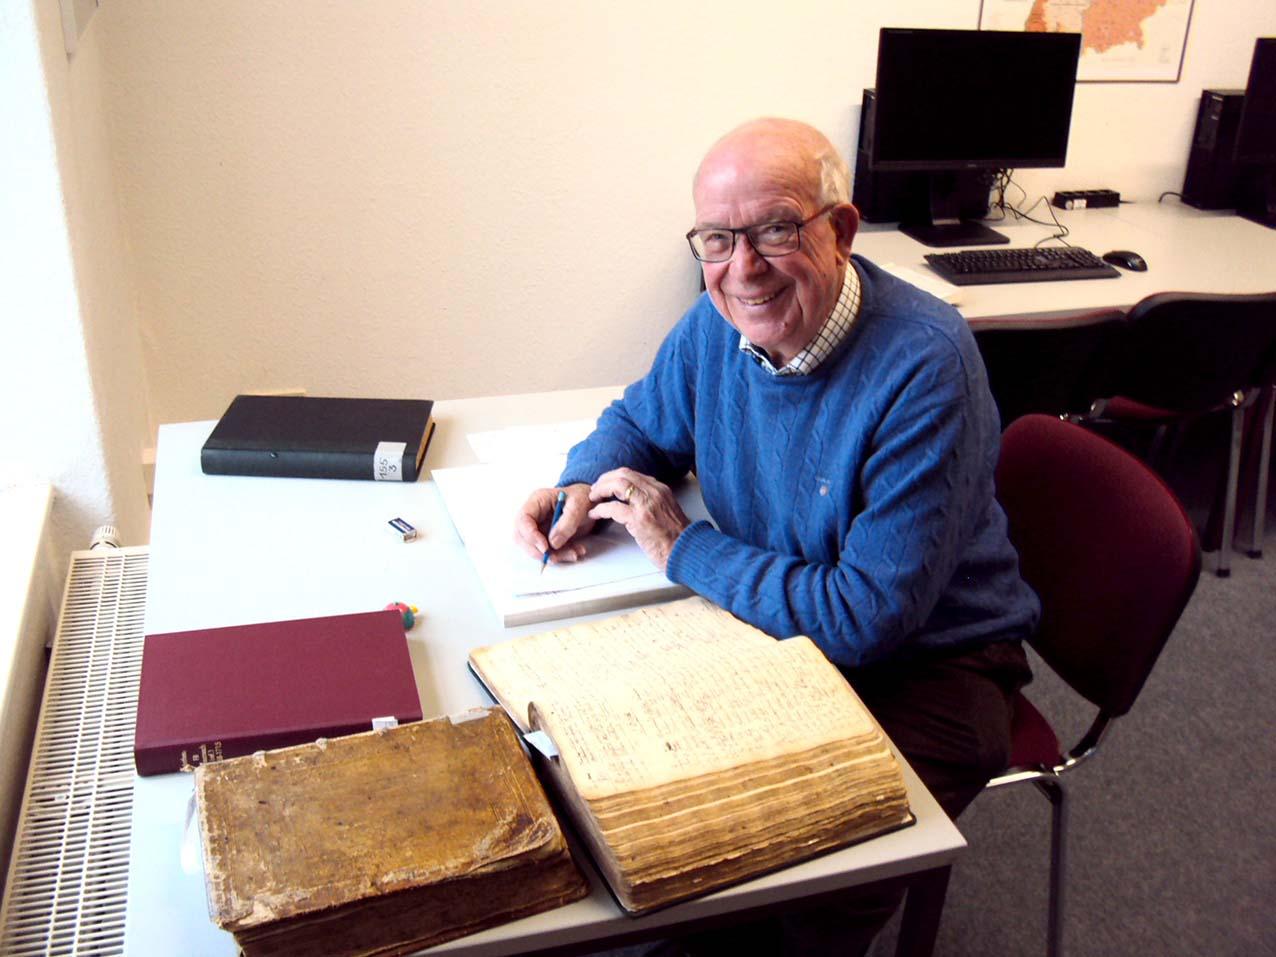 Dr. Michael Frauenberger bei der Kirchenbuchauswertung im Lesesaal der Evangelischen Archivstelle Boppard